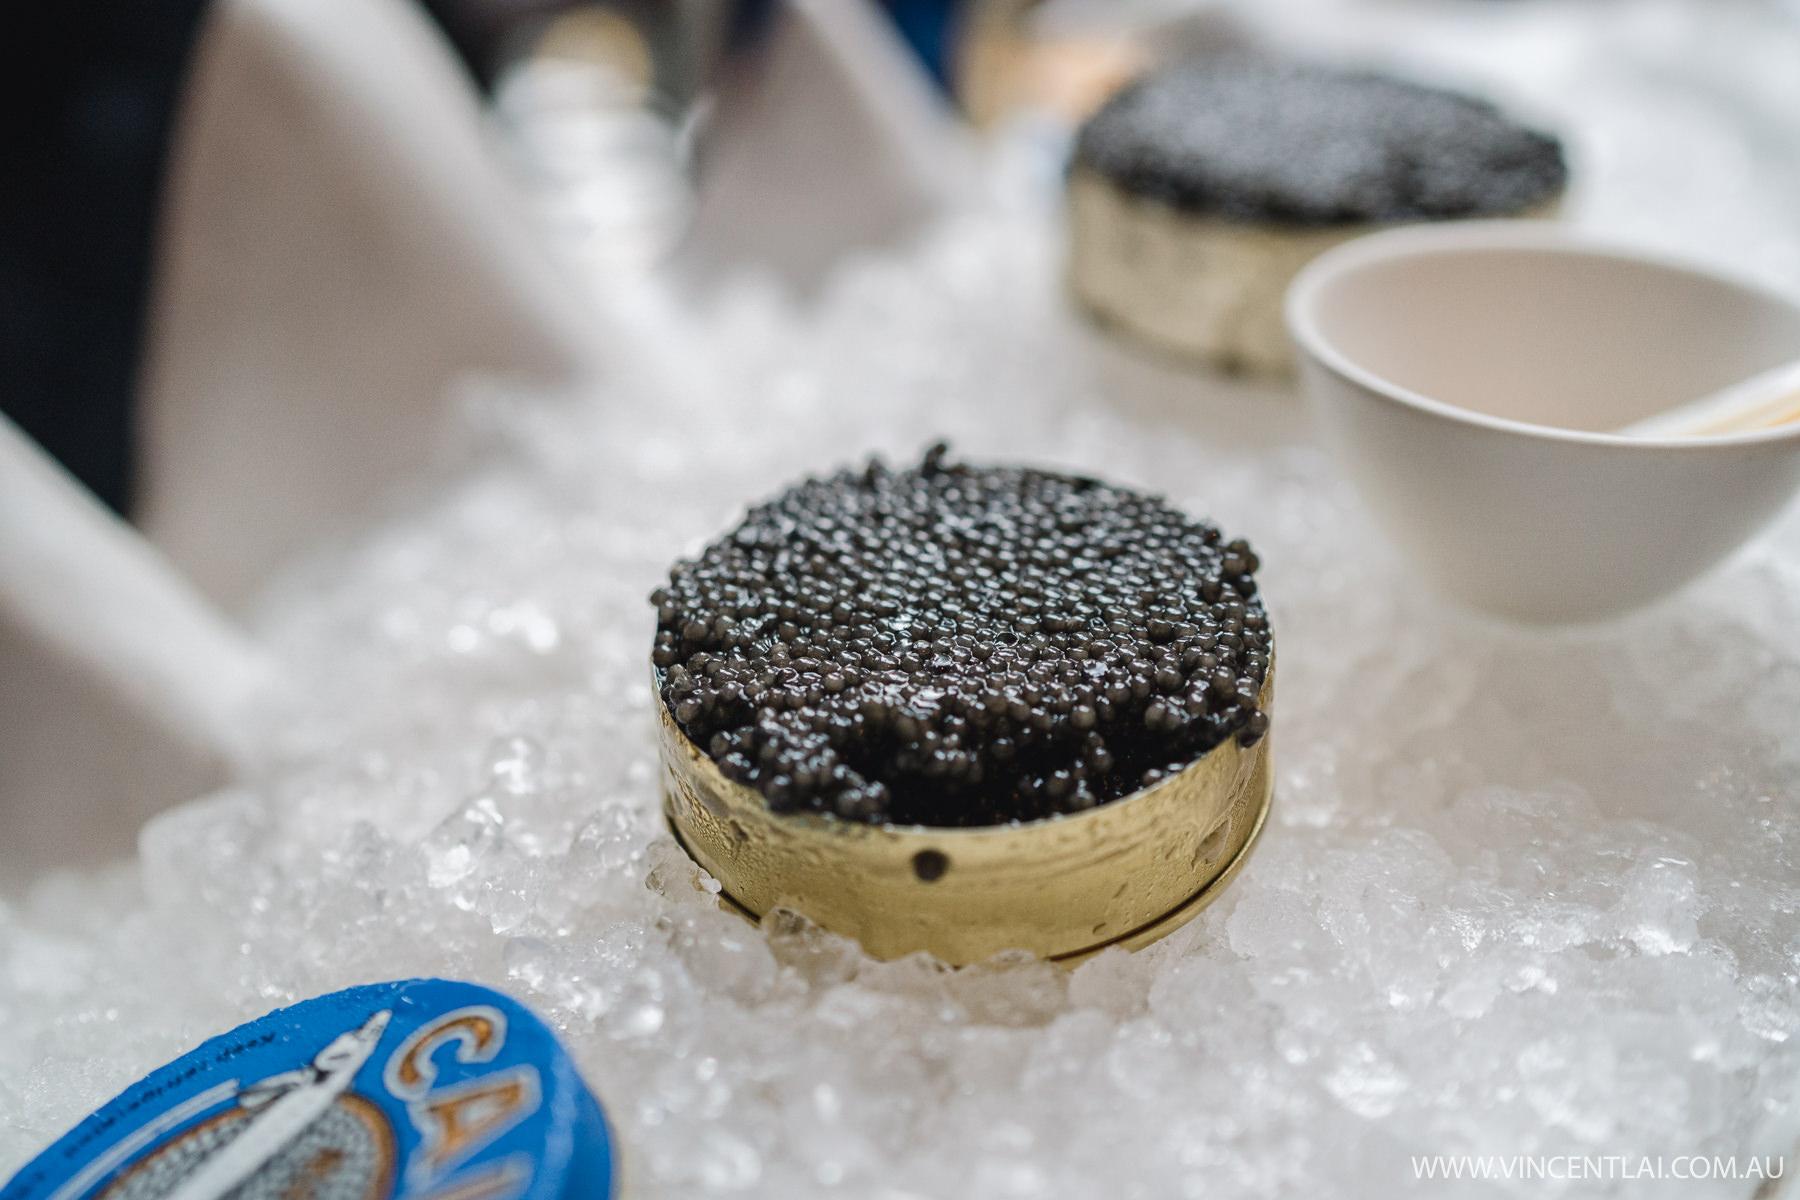 Black Pearl Beluga Caviar